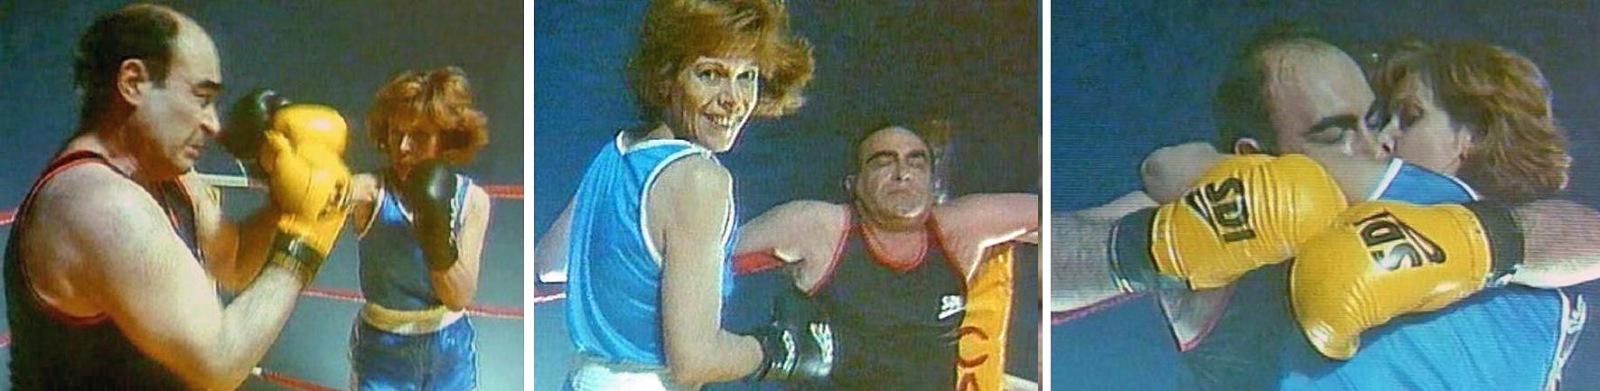 """Claude Jade et Philippe Khorsand dans """"Tableau d'honneur"""" de Charles Nemes, boxe, film, cinema, 1992"""